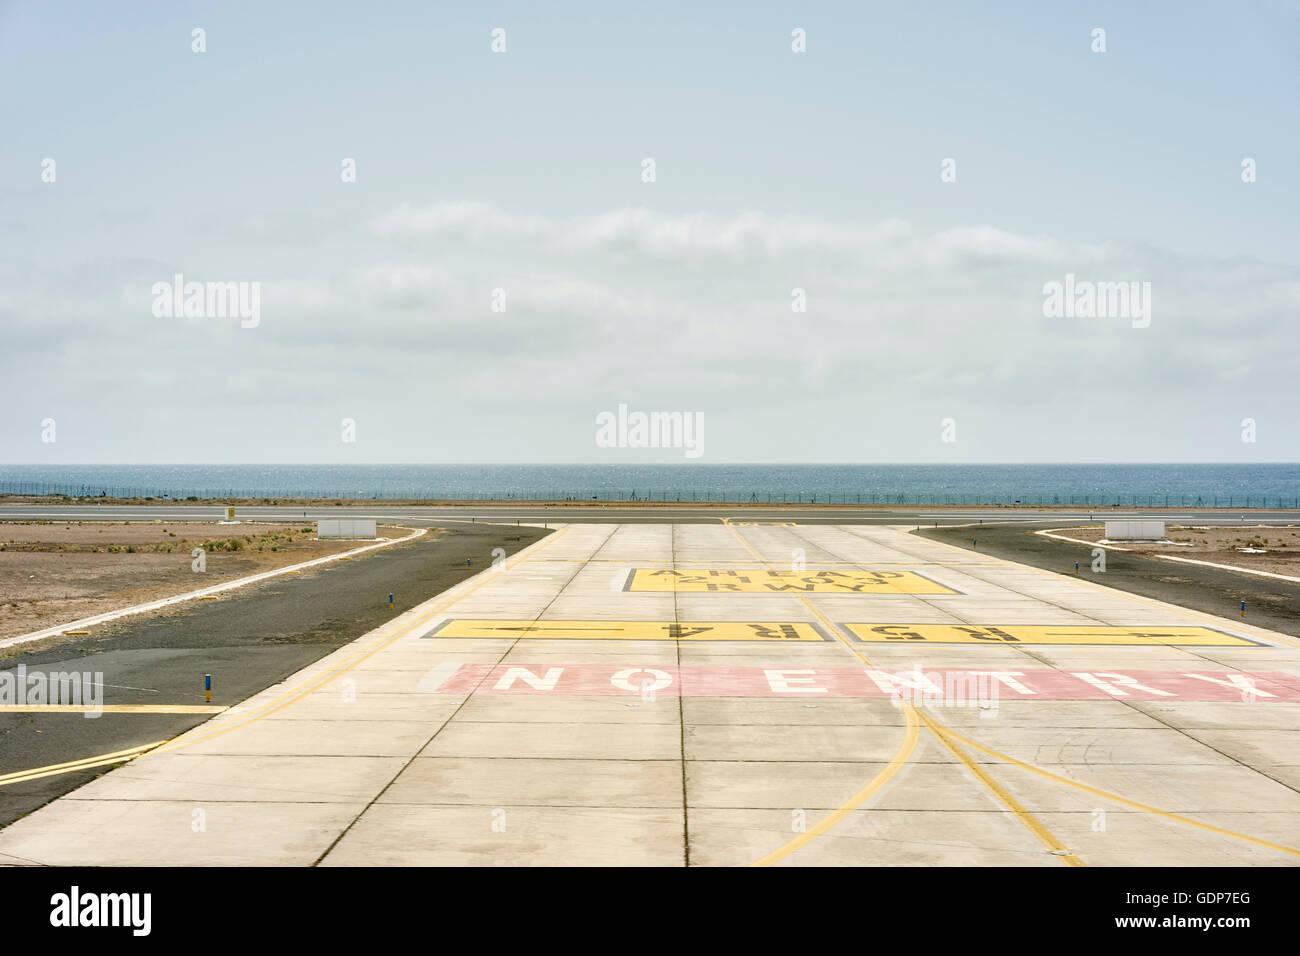 Kein Eintrag auf Asphalt an Küsten Airport, Lanzarote, Spanien Stockbild